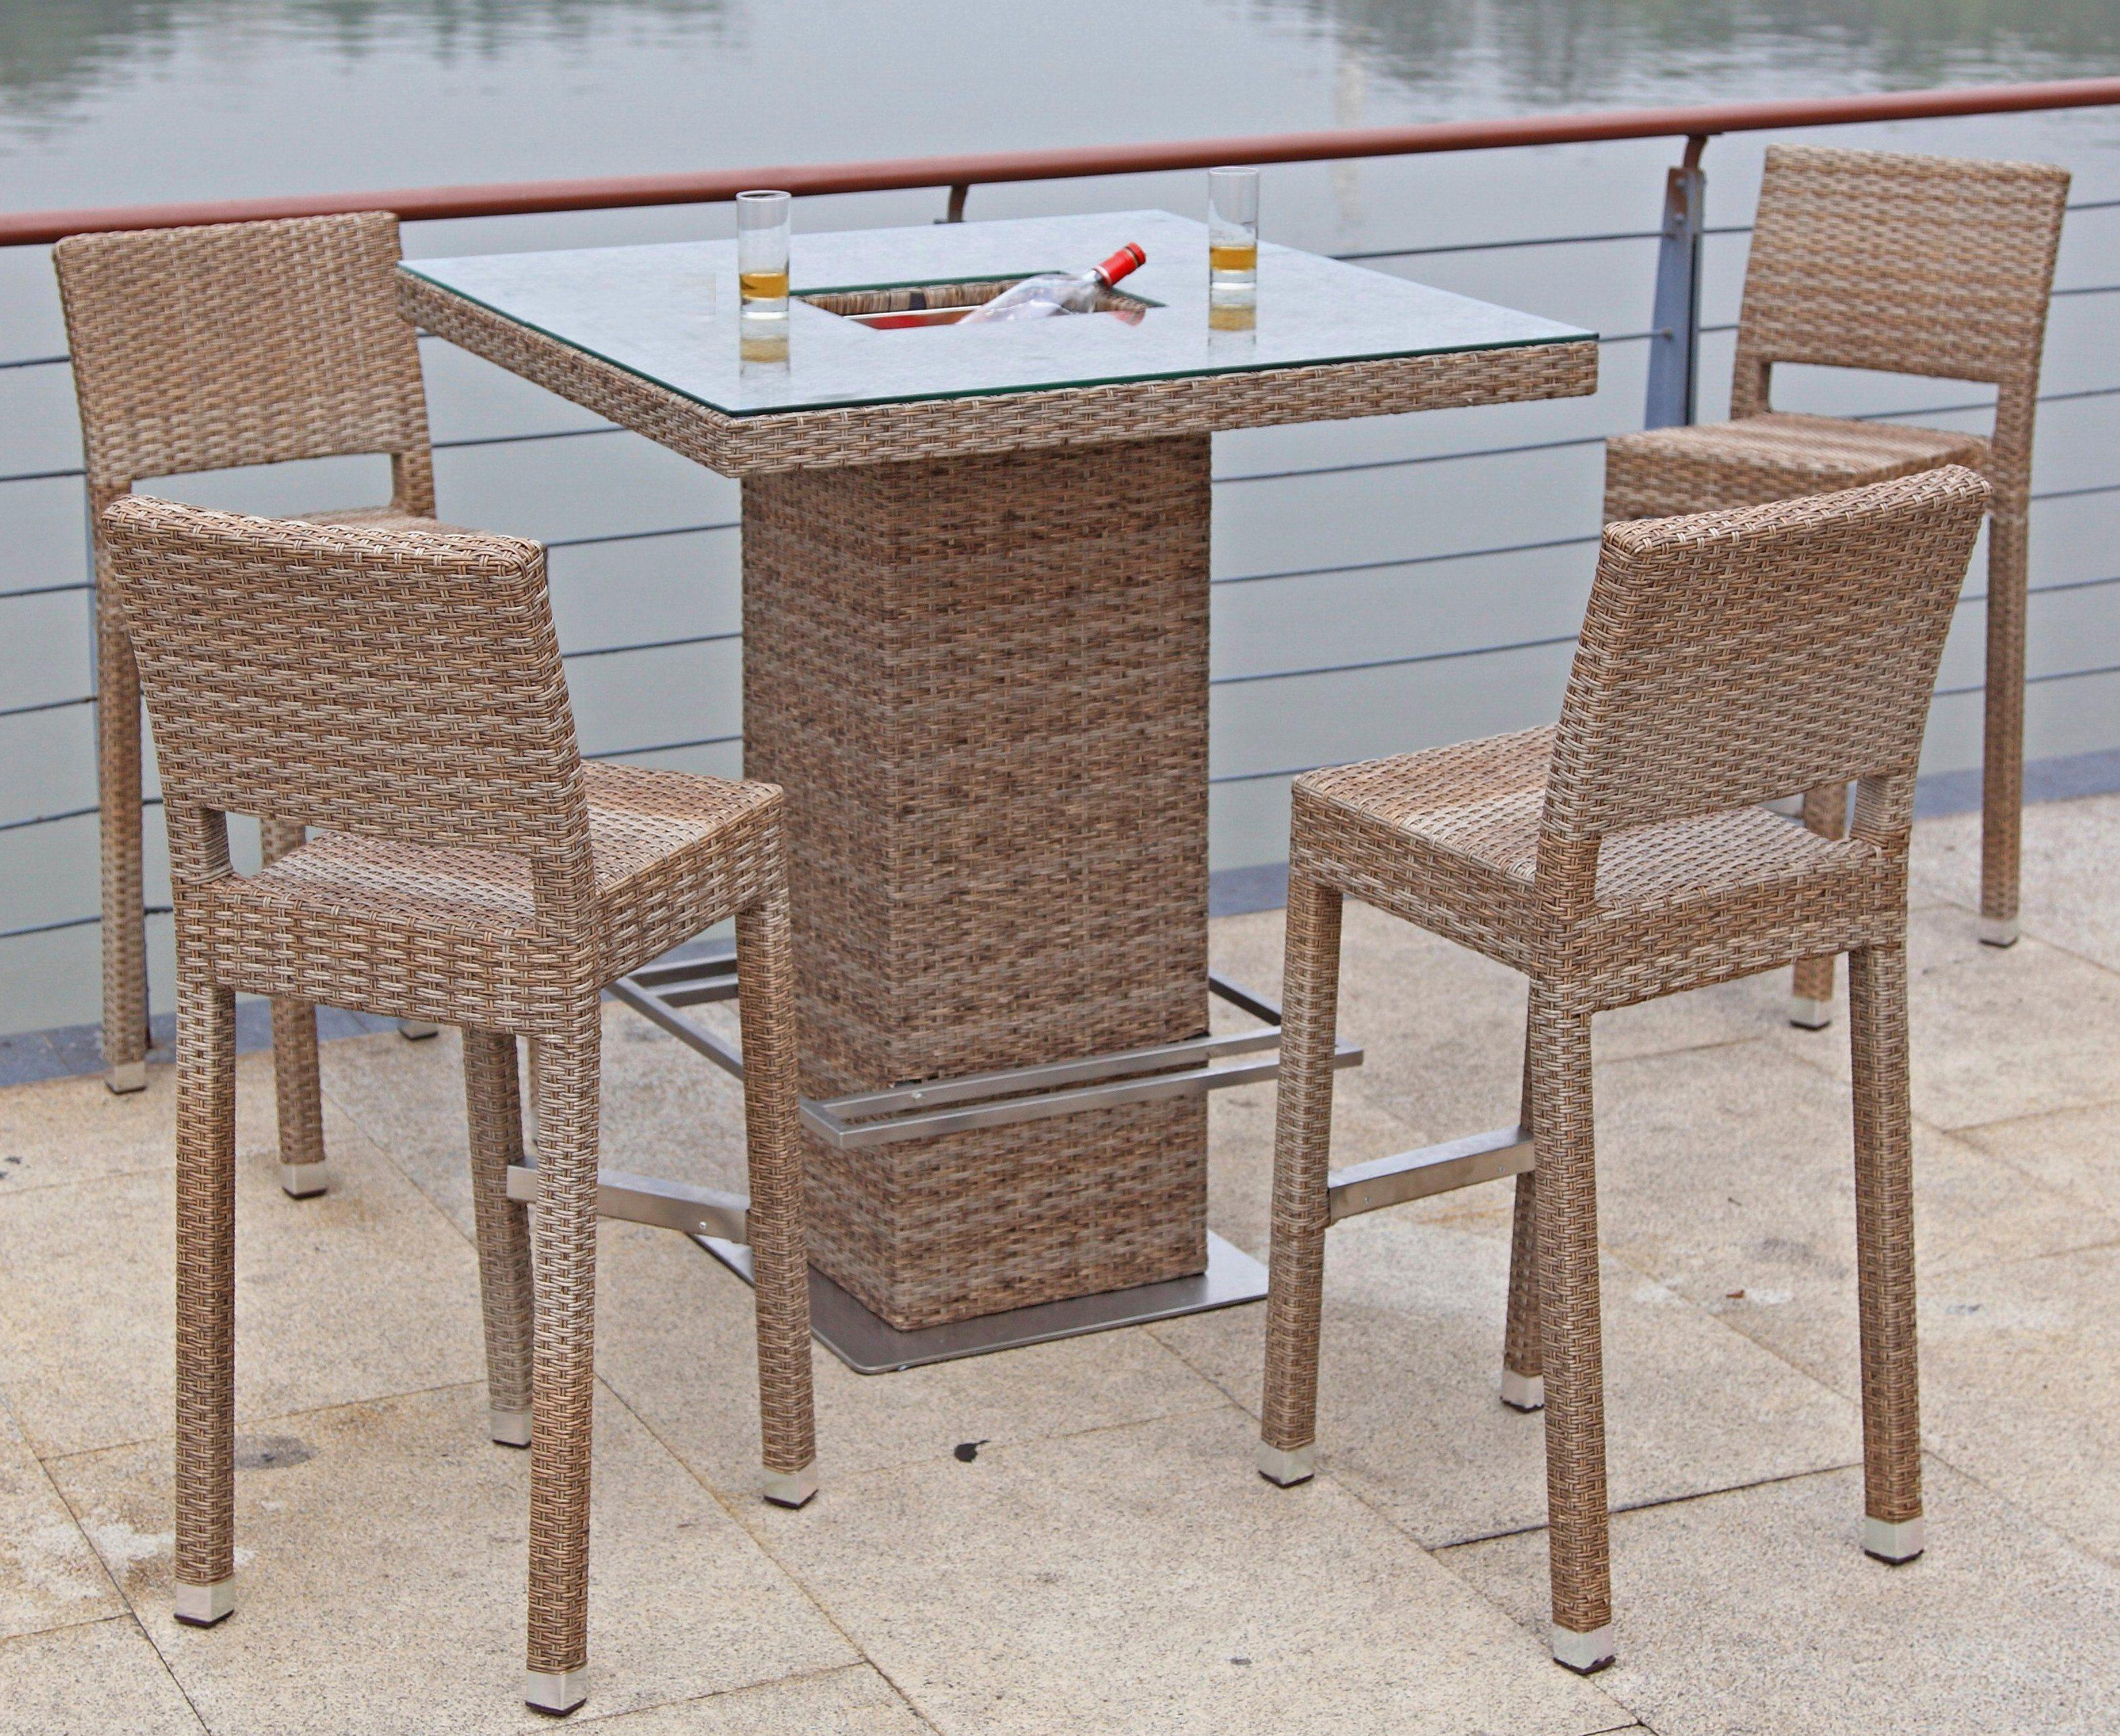 grau-baumwolle Gartenmöbel-Set online kaufen   Möbel-Suchmaschine ...